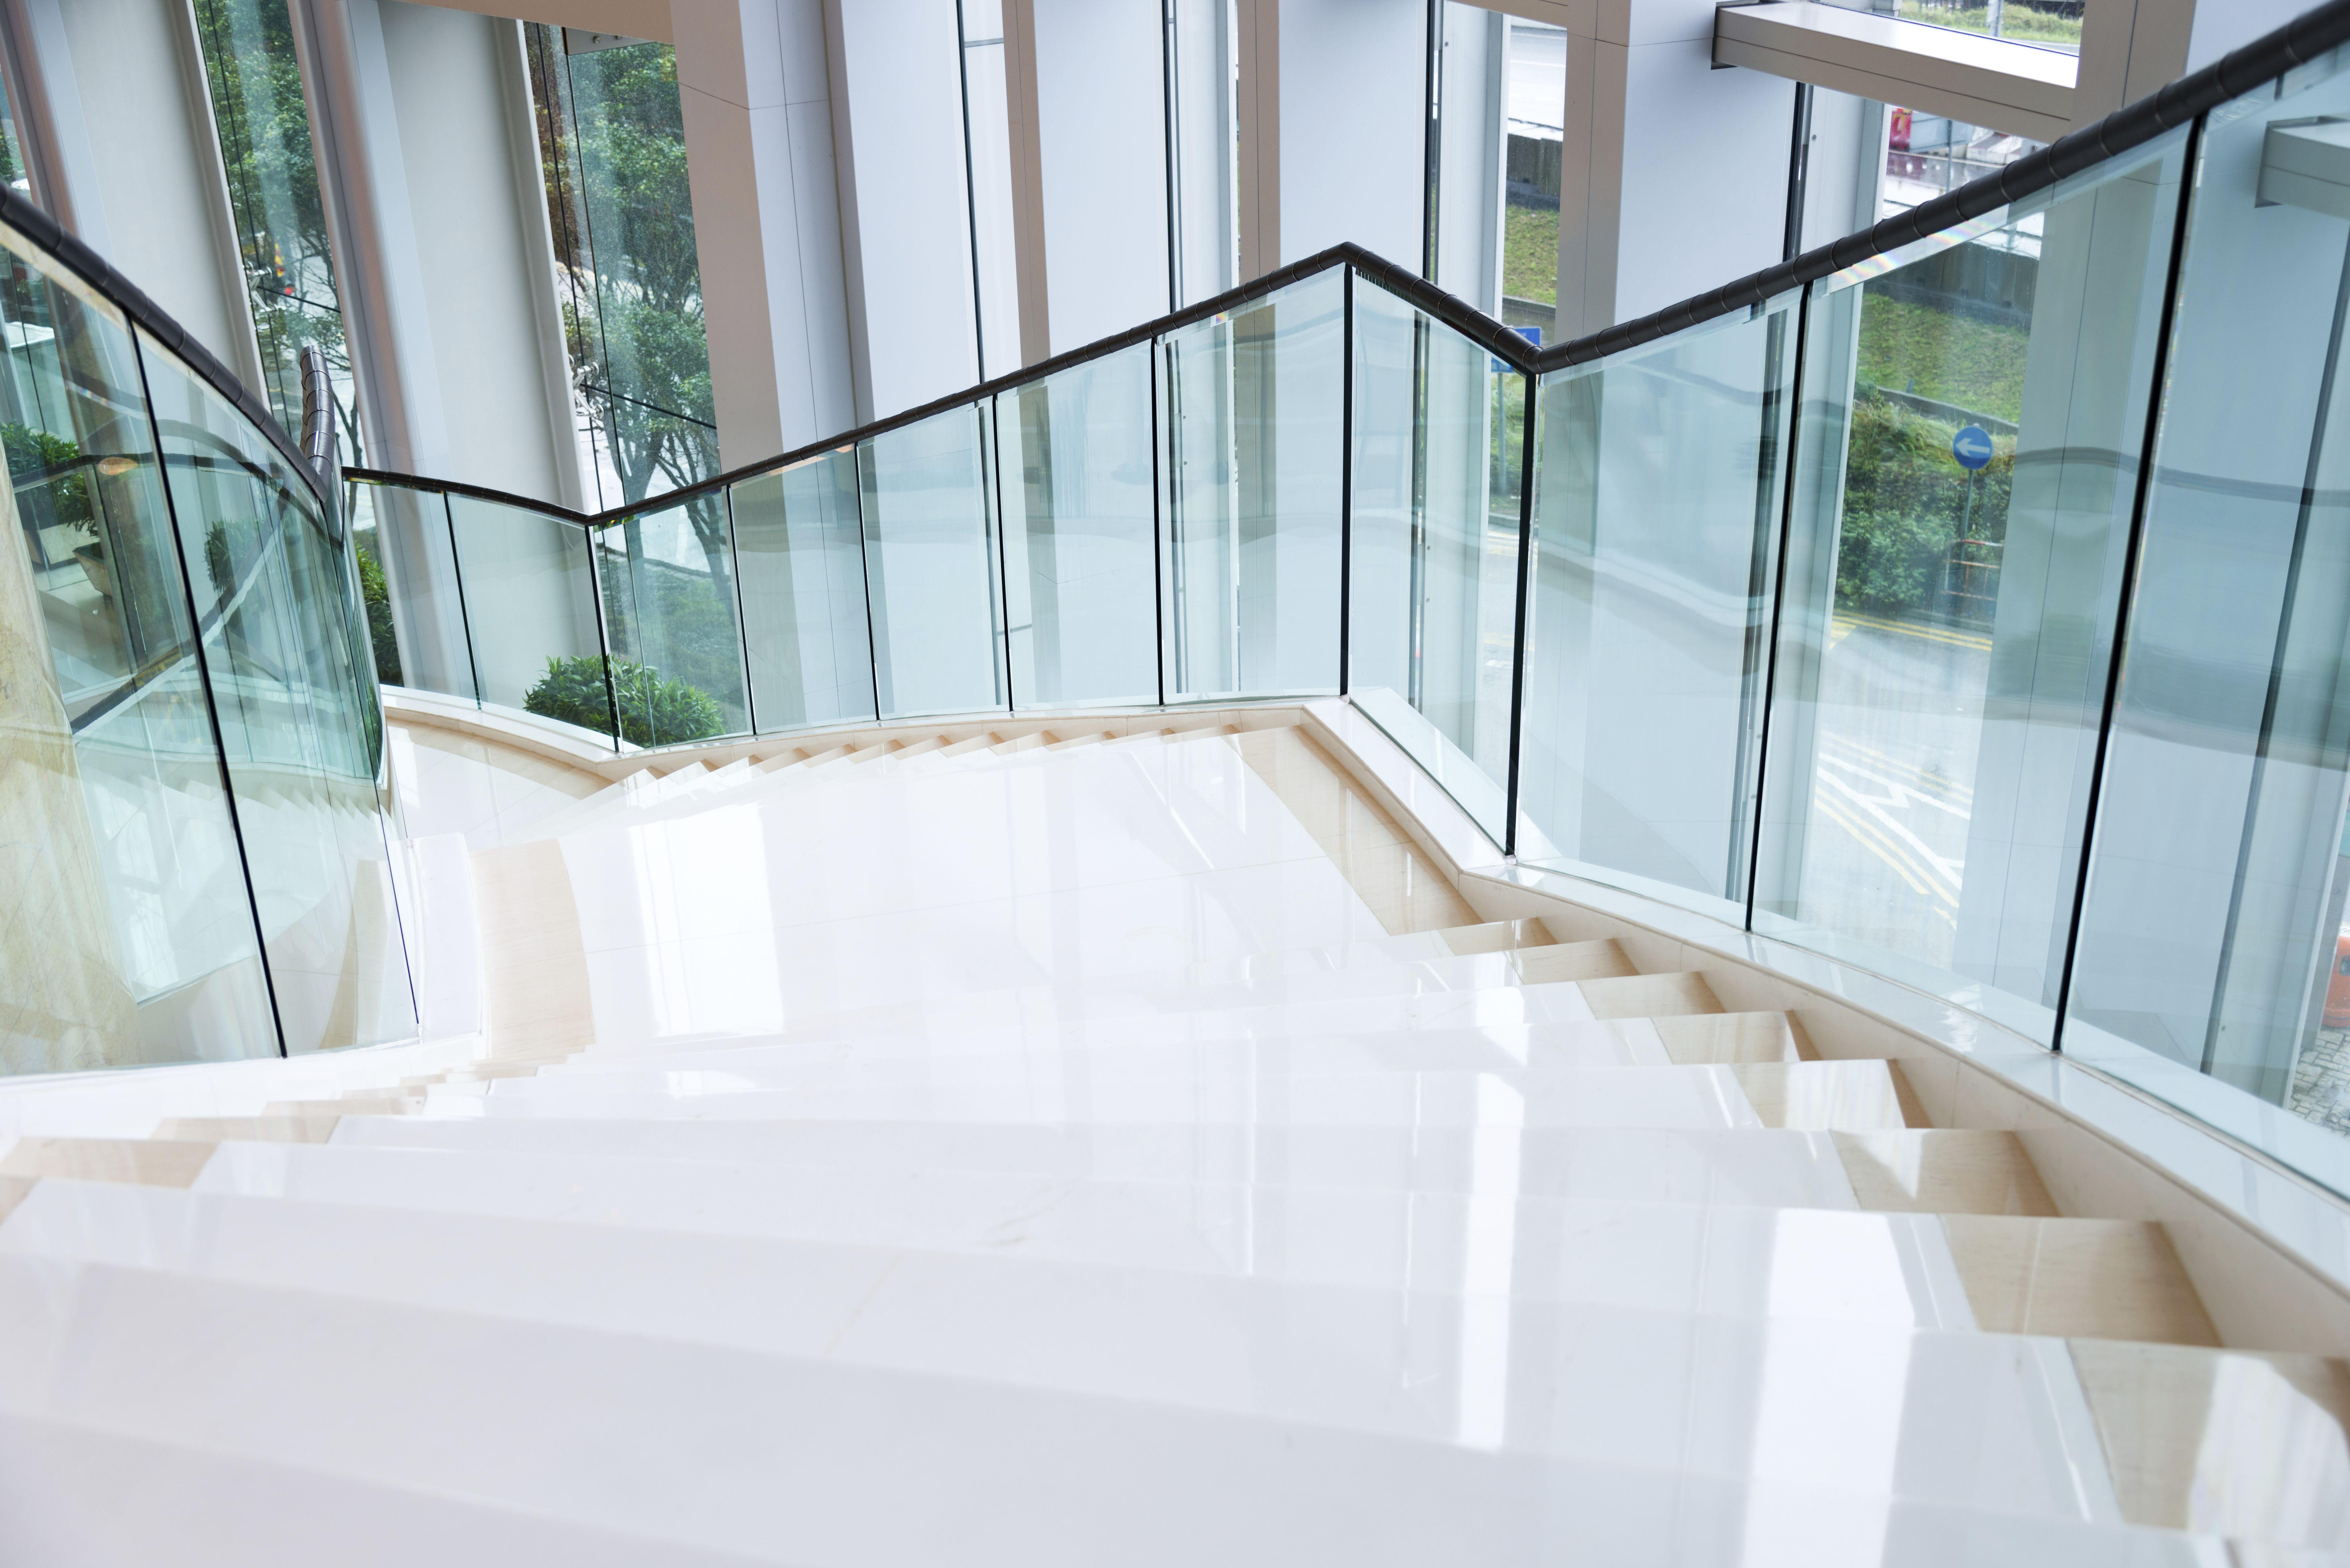 Cristalería Olinda, trabajos de vidrio